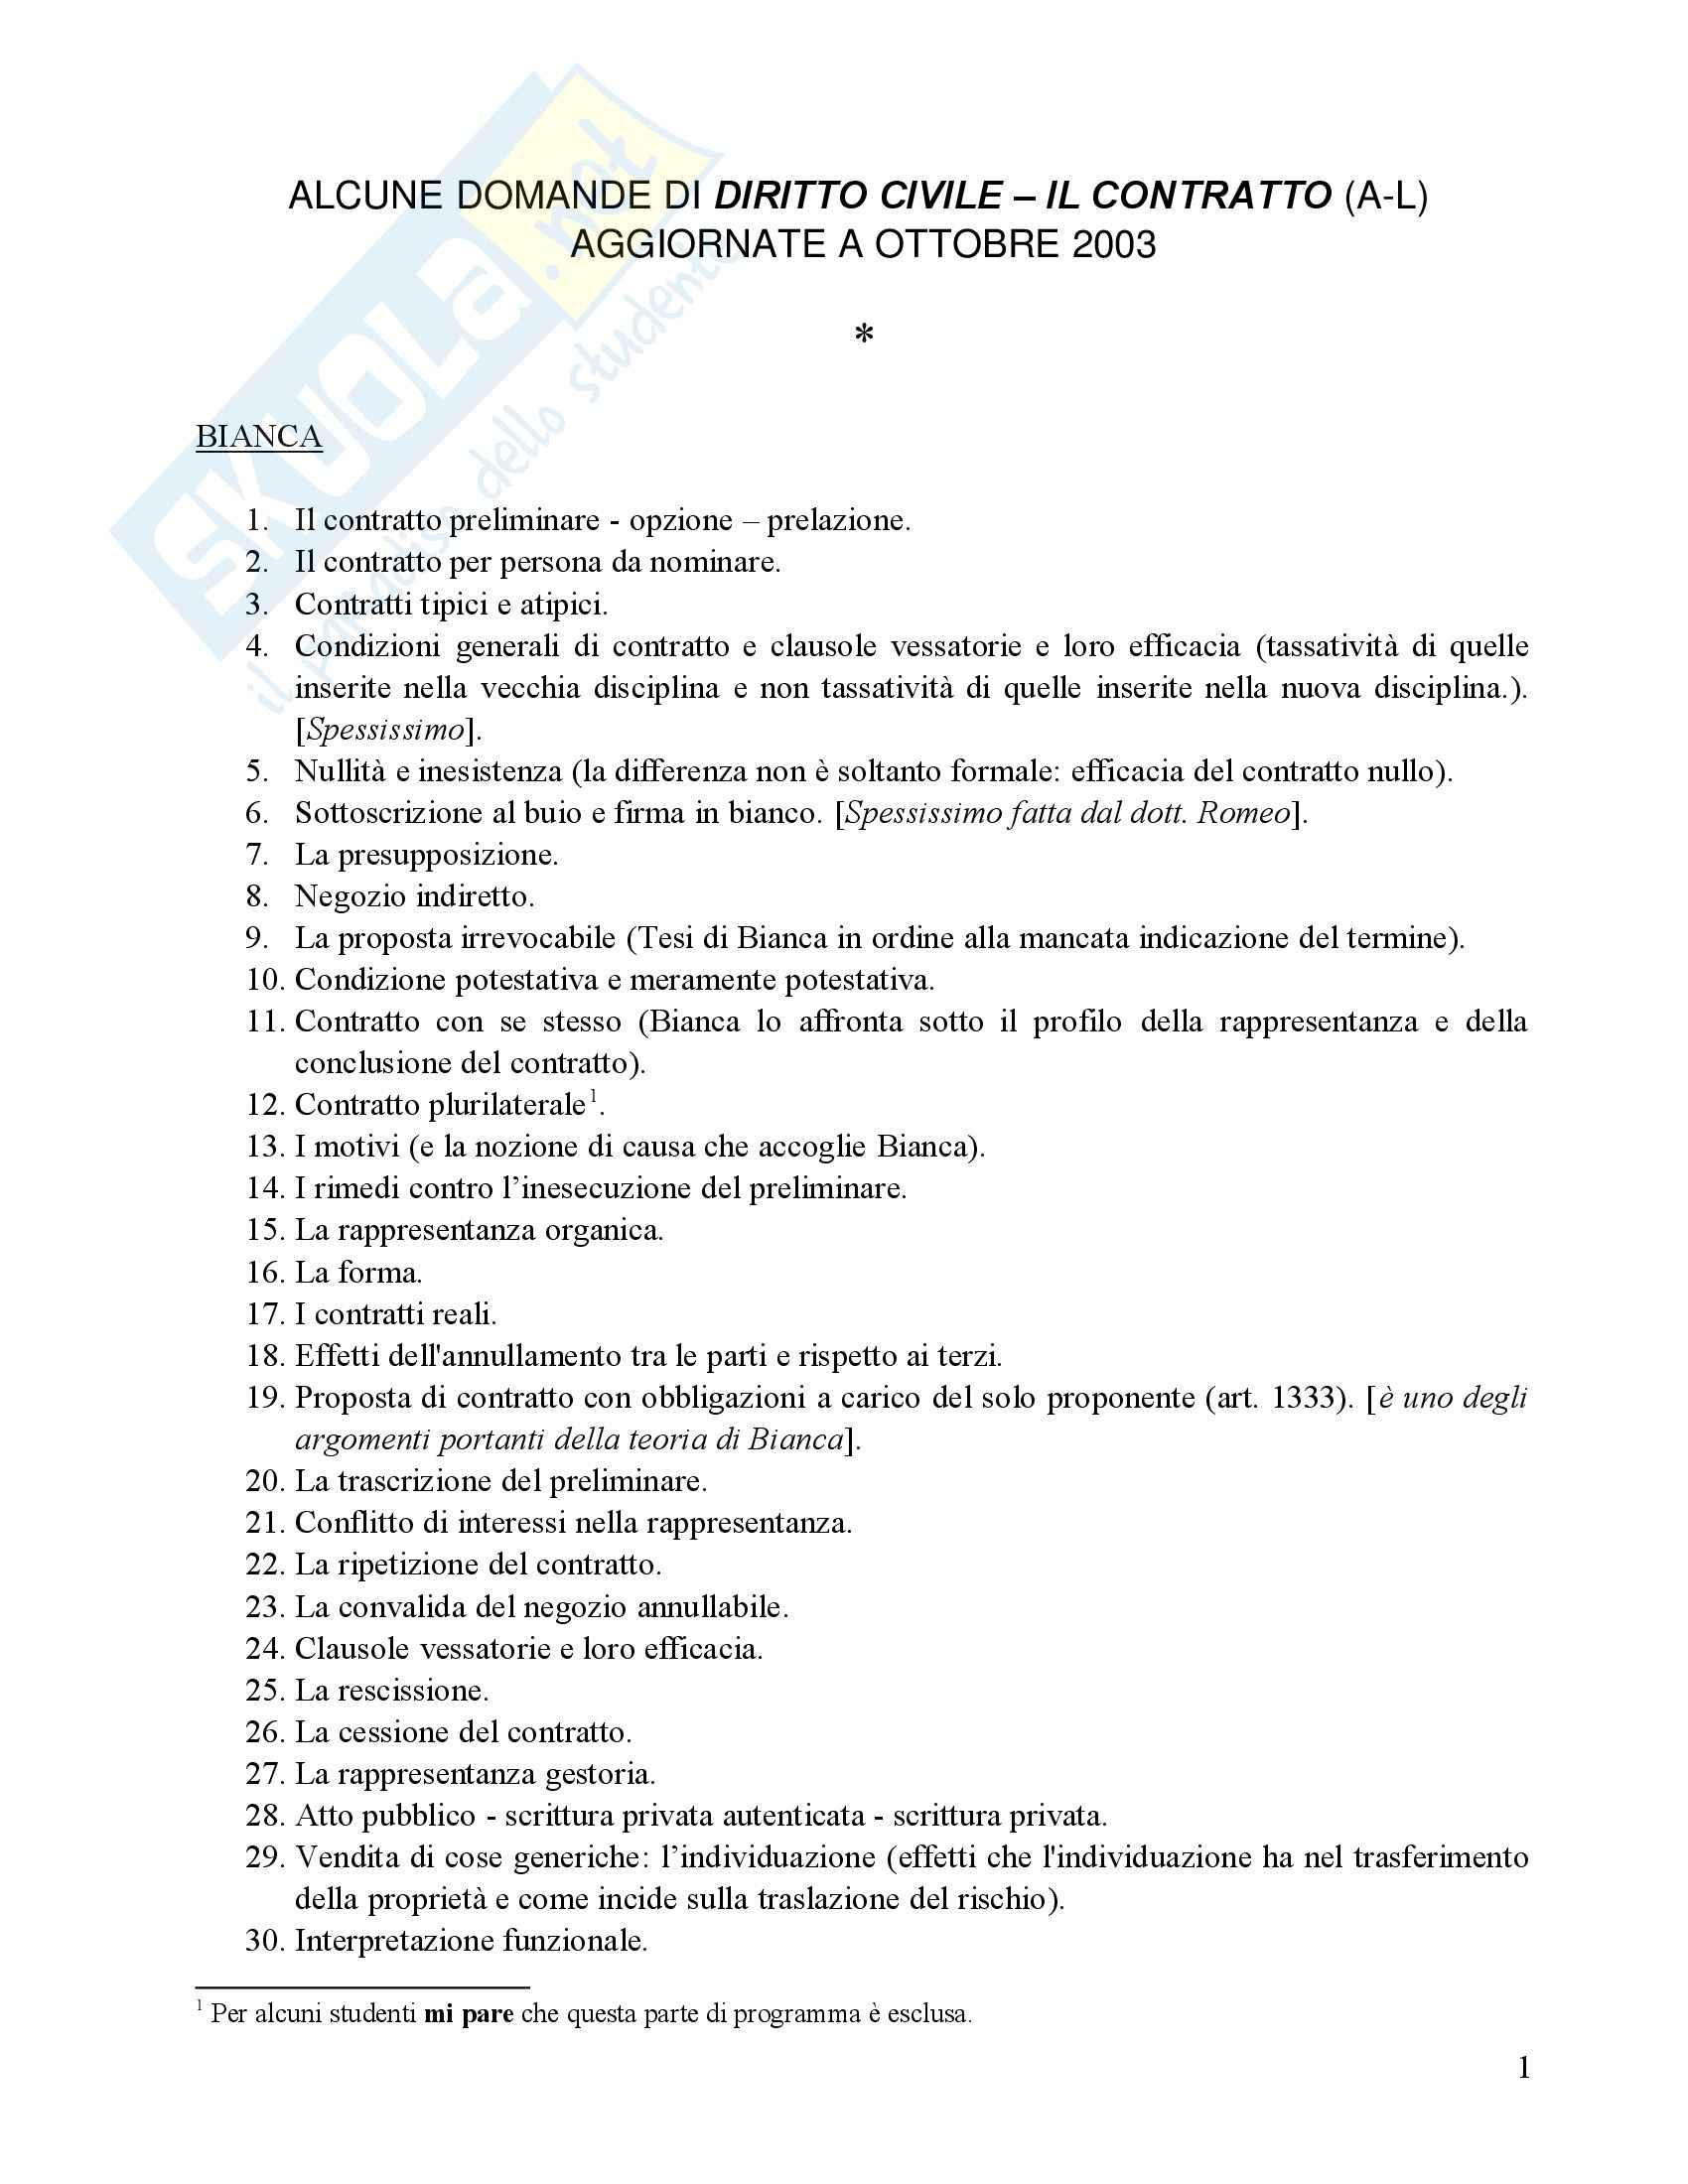 Diritto Civile - Domande d'esame